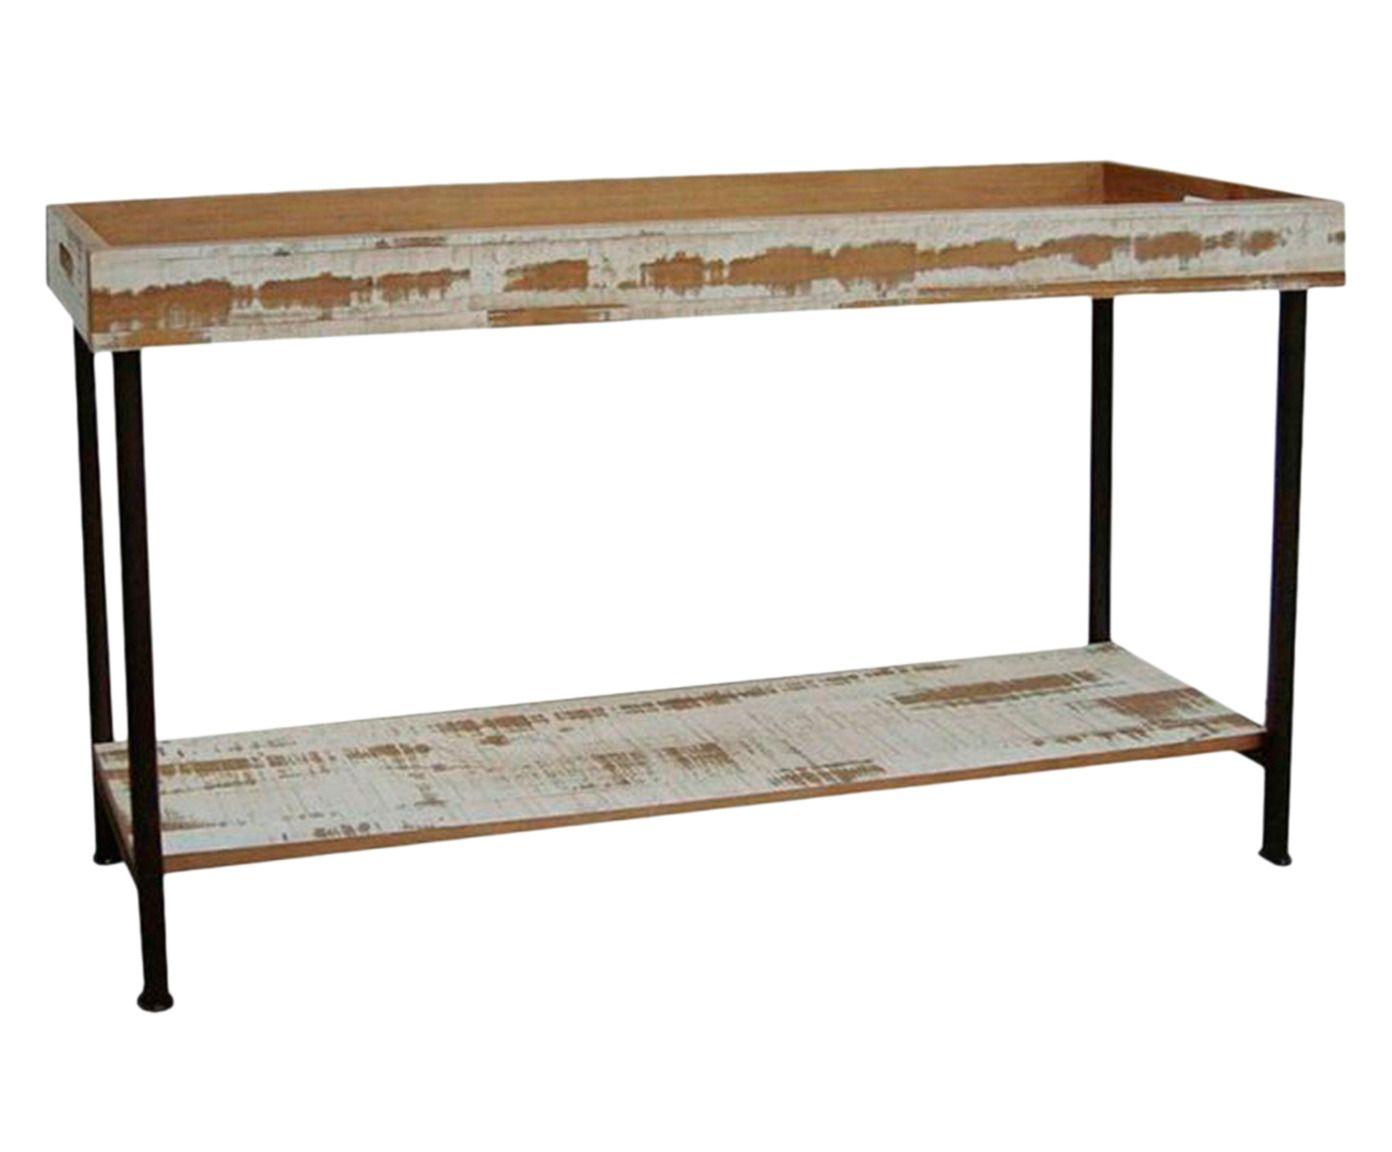 Aparador iron rustic - 120x54cm | Westwing.com.br